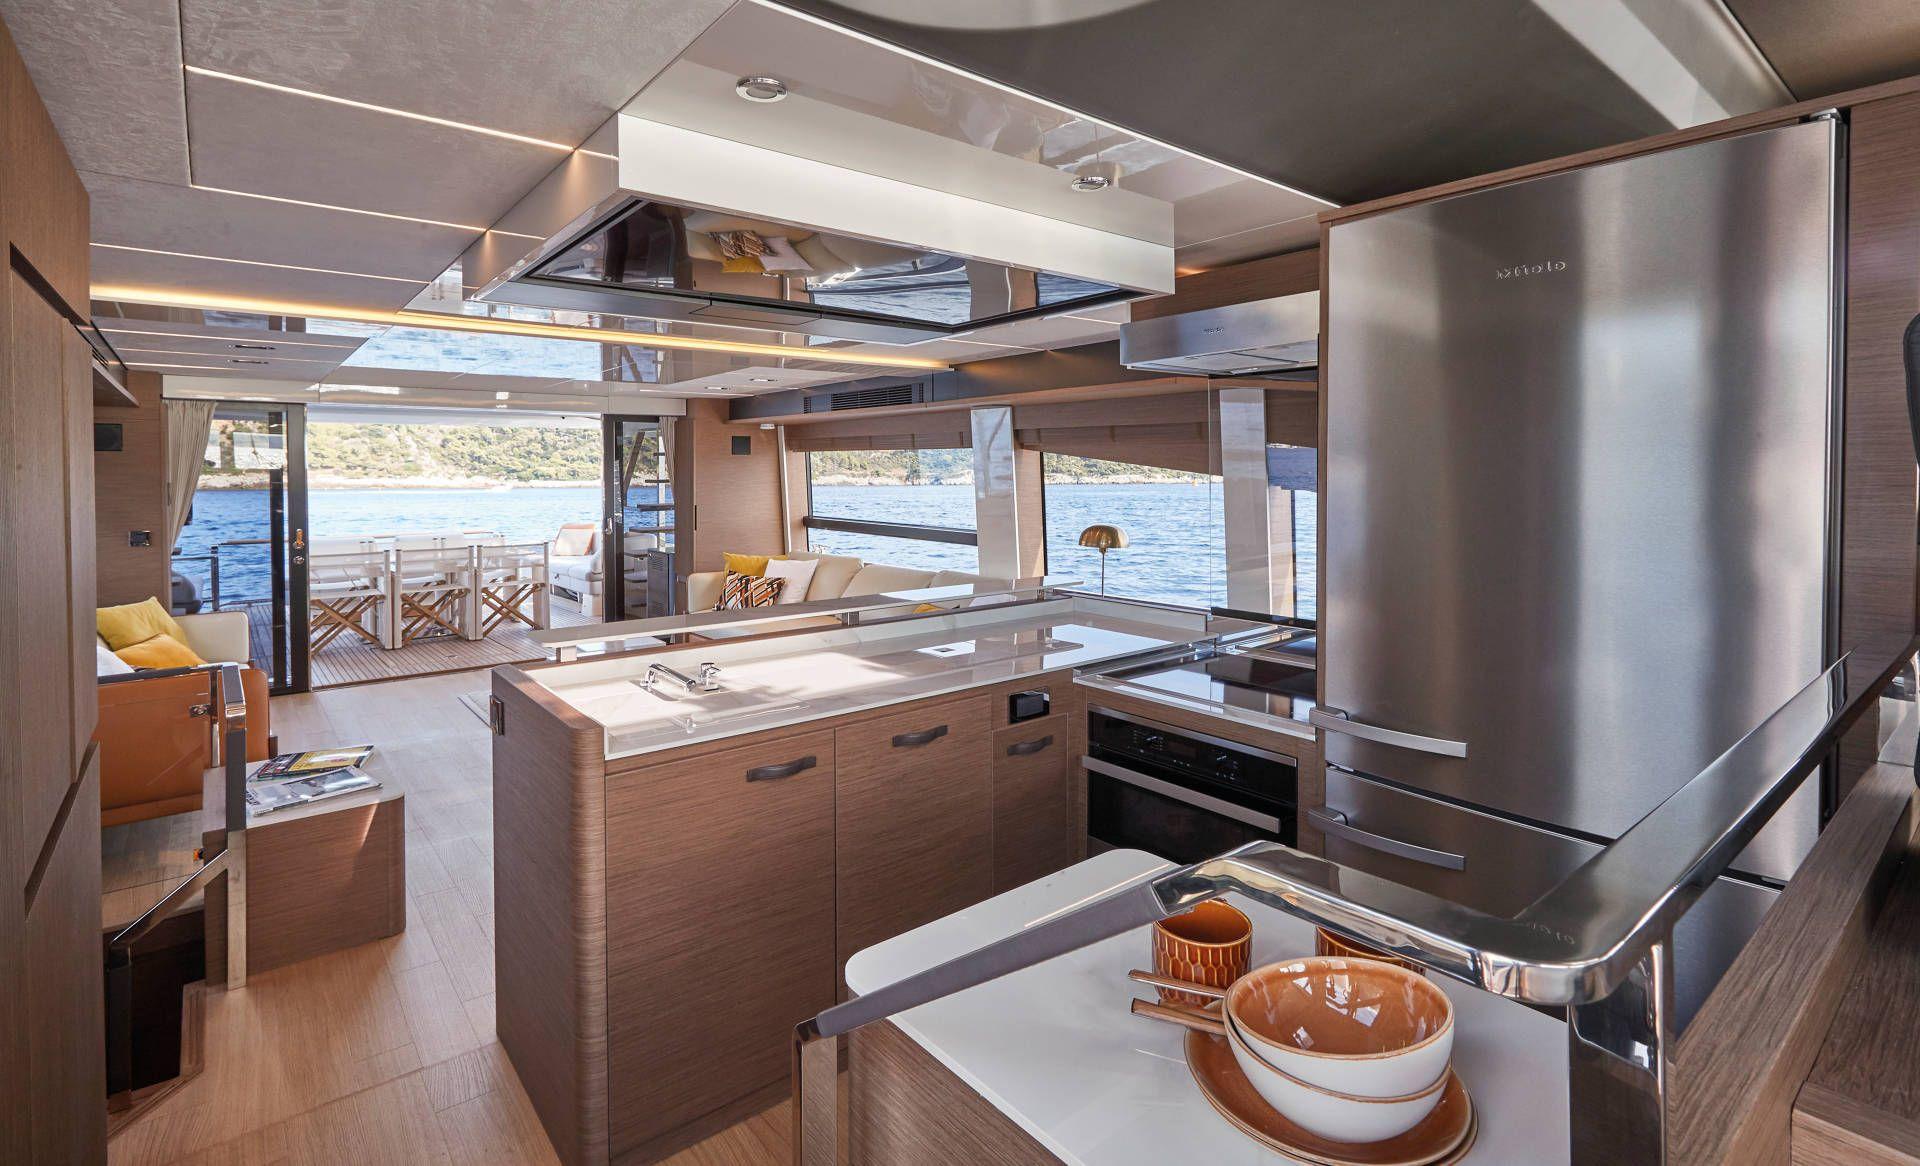 alternate angle Prestige X70 interior living area